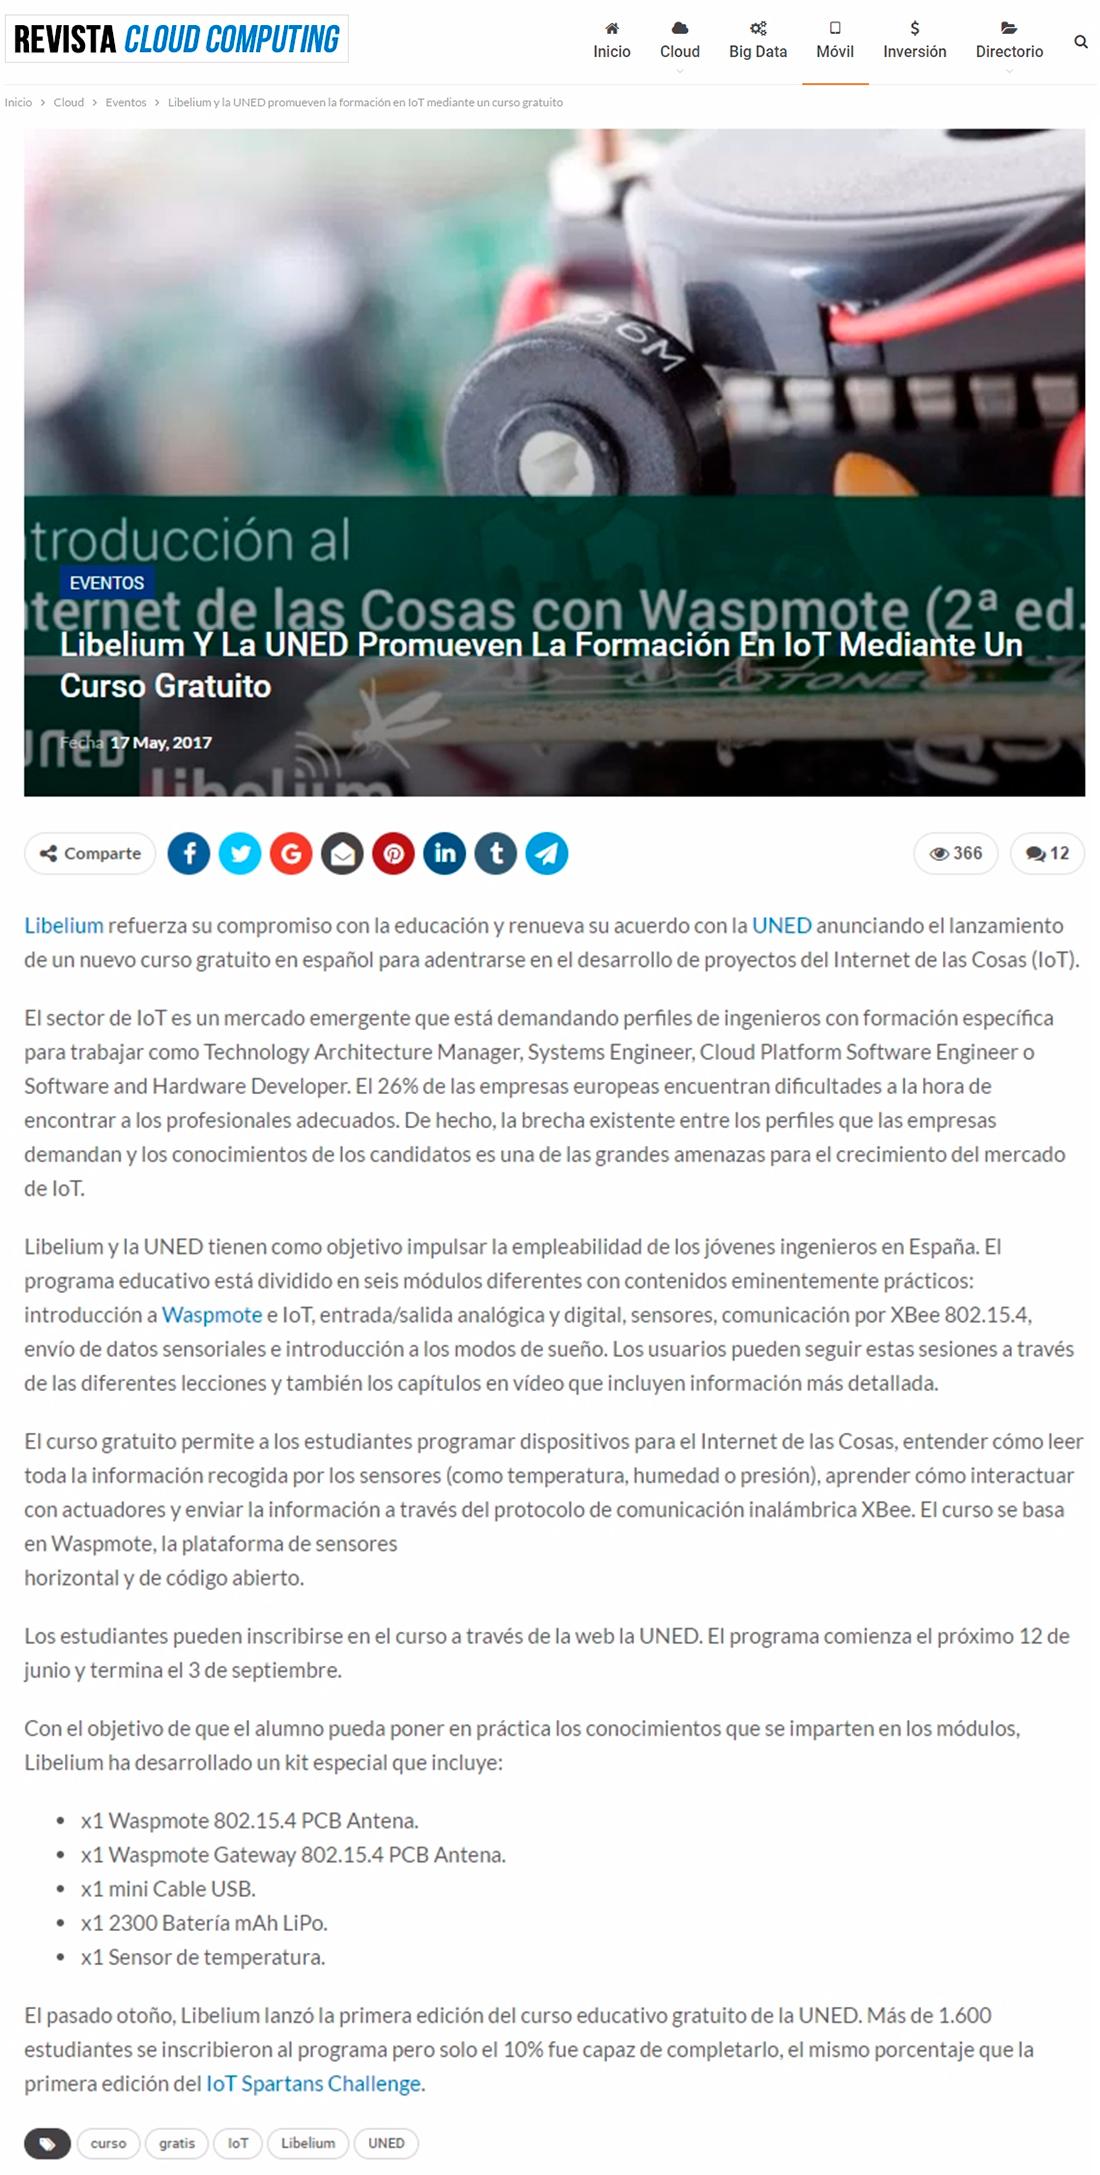 Revista Cloud Computing – Libelium Y La UNED Promueven La Formación En IoT